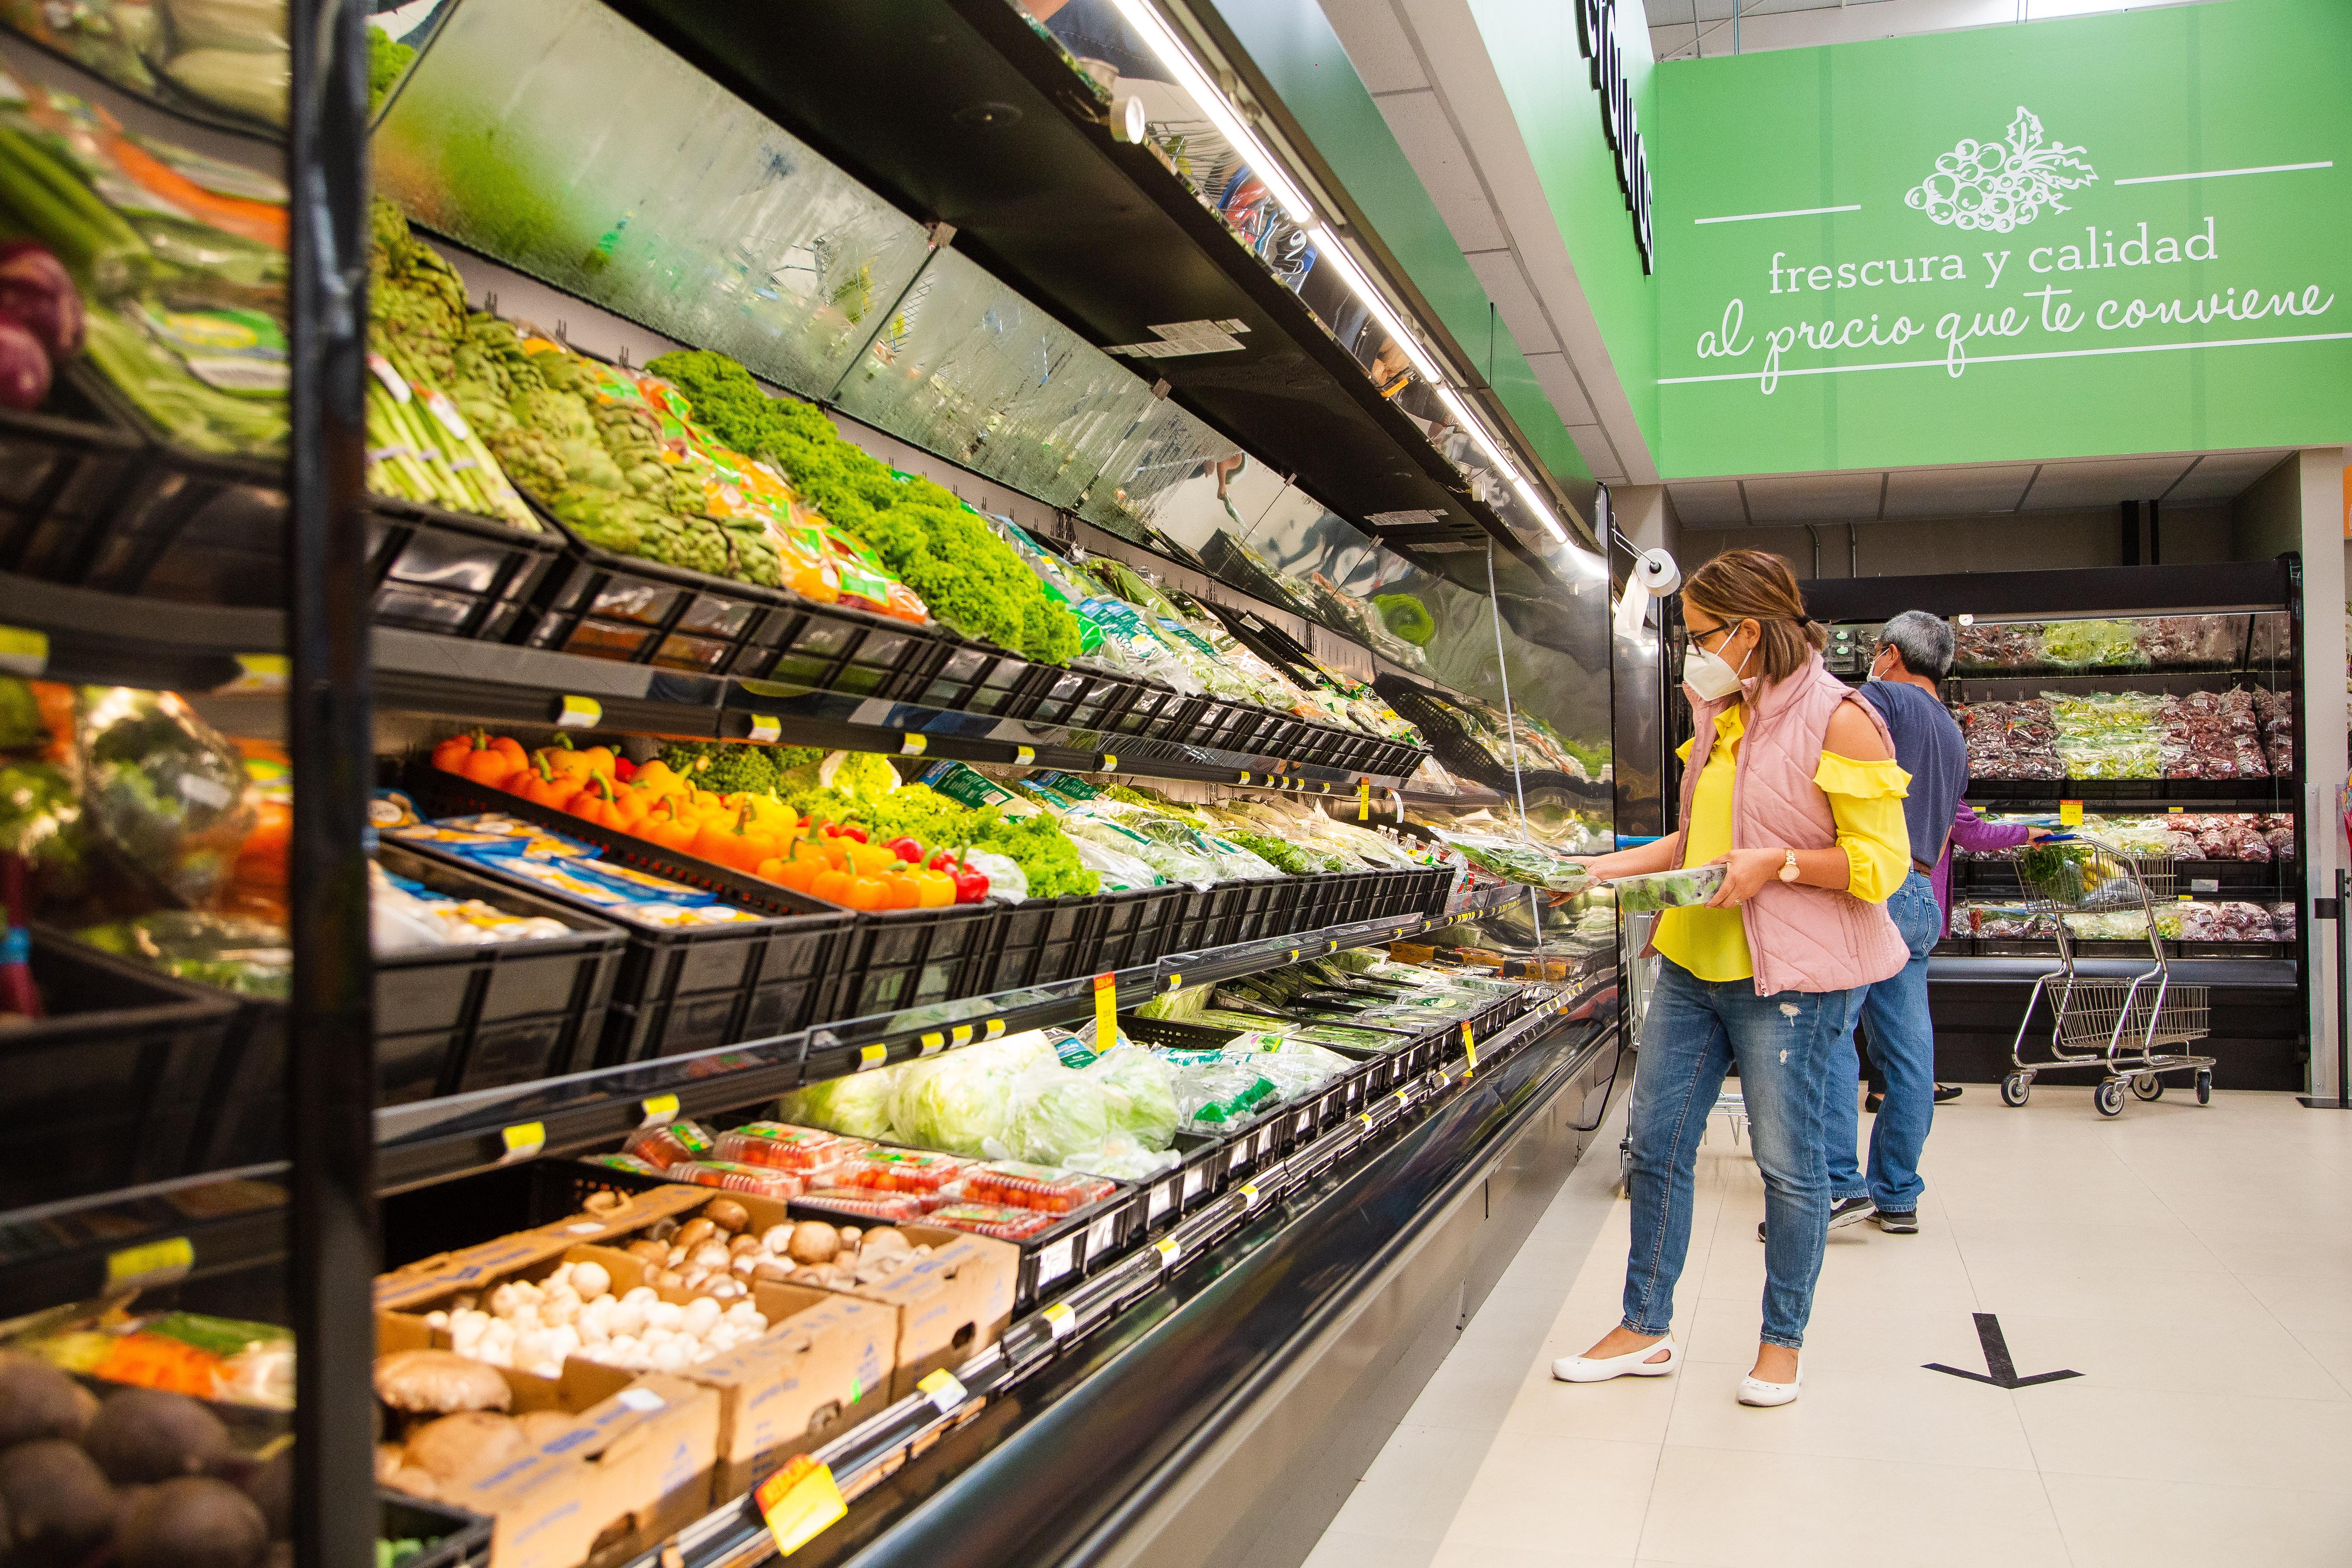 Walmart da pasos firmes para ser una empresa regenerativa